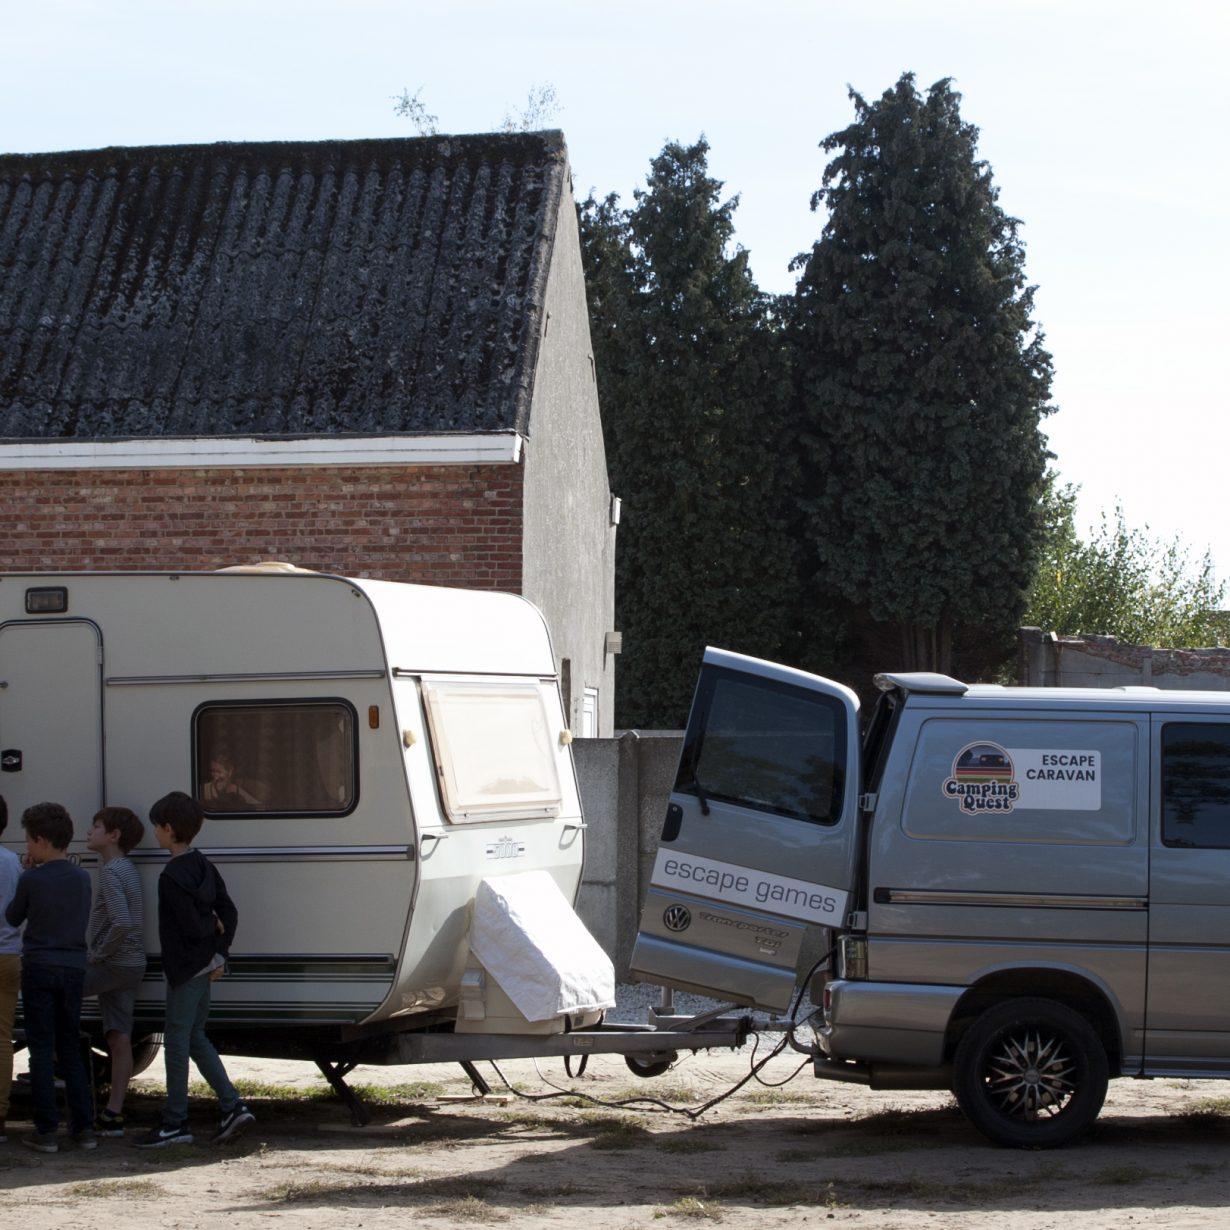 De escape caravan op een kinderfeestje - superorigineel.